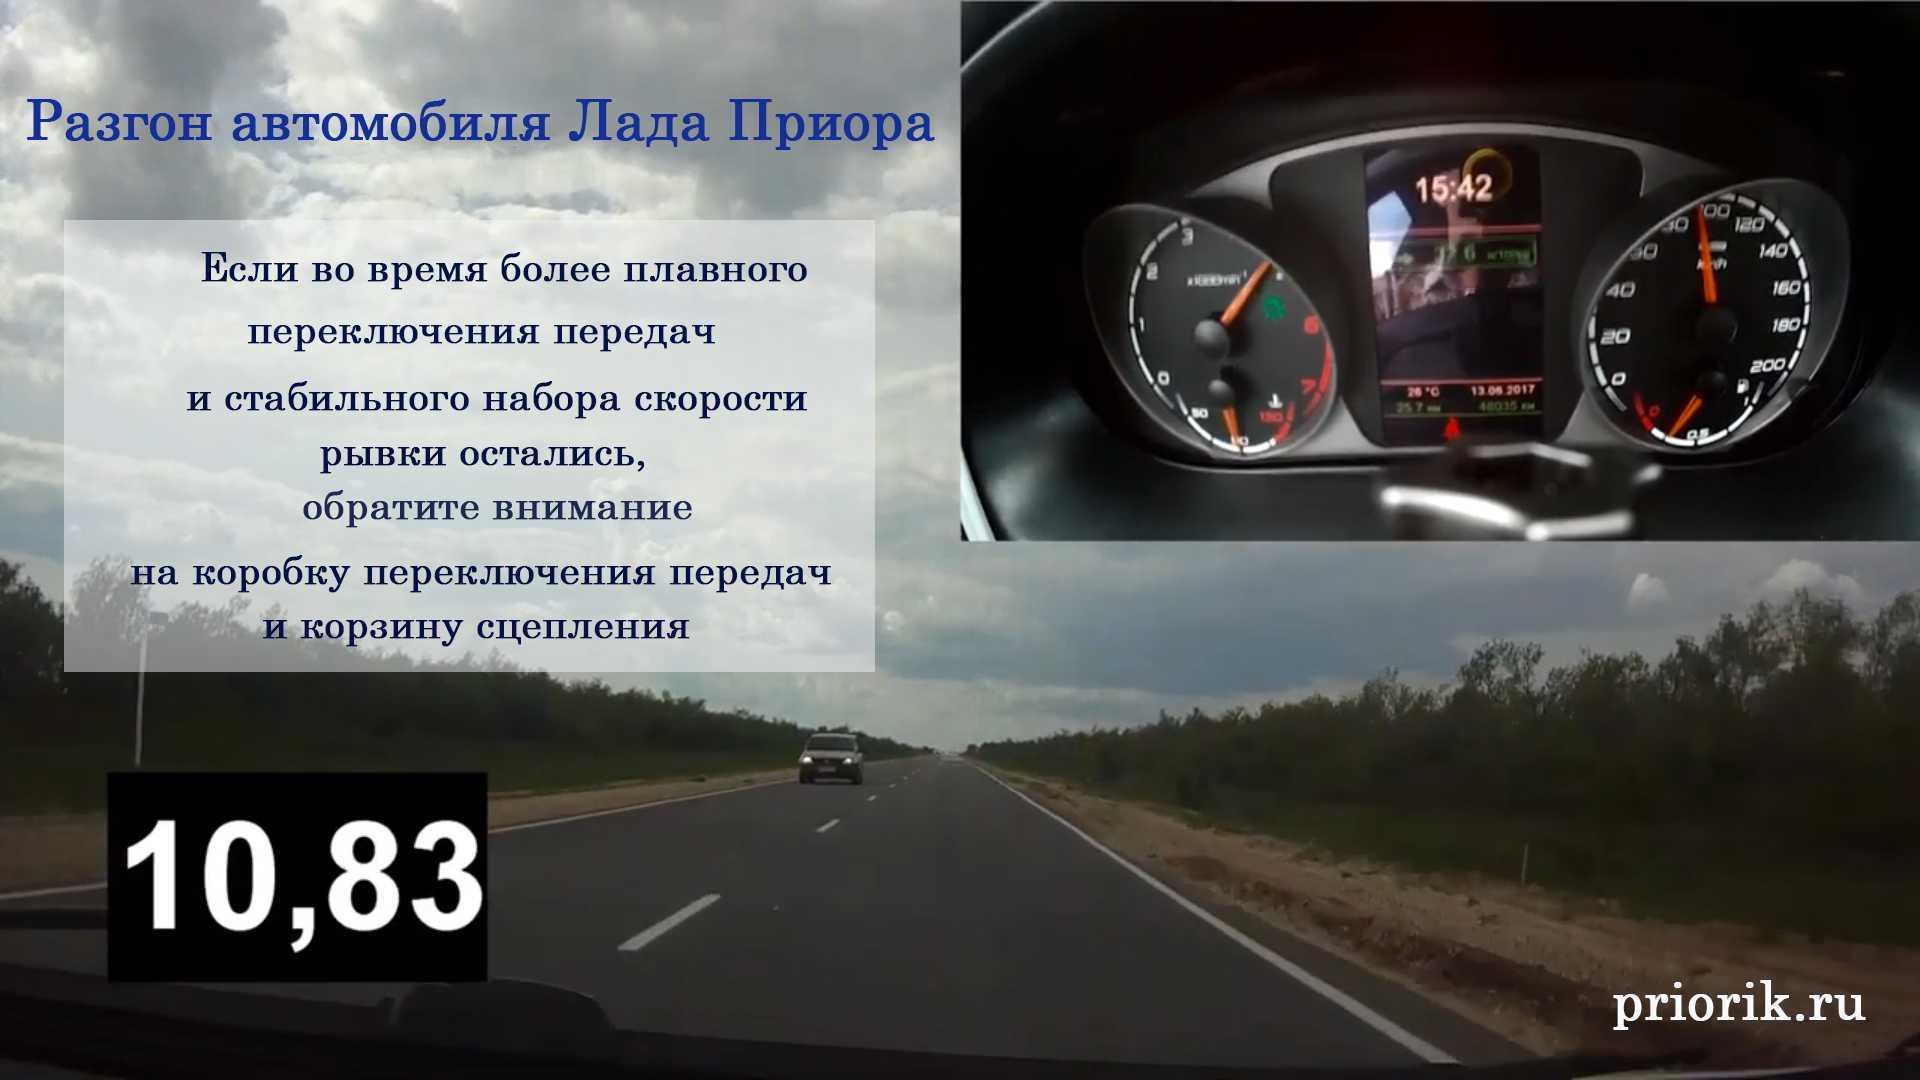 Какая максимальная скорость Лада Приора » Лада.Онлайн - все самое интересное и полезное об автомобилях LADA